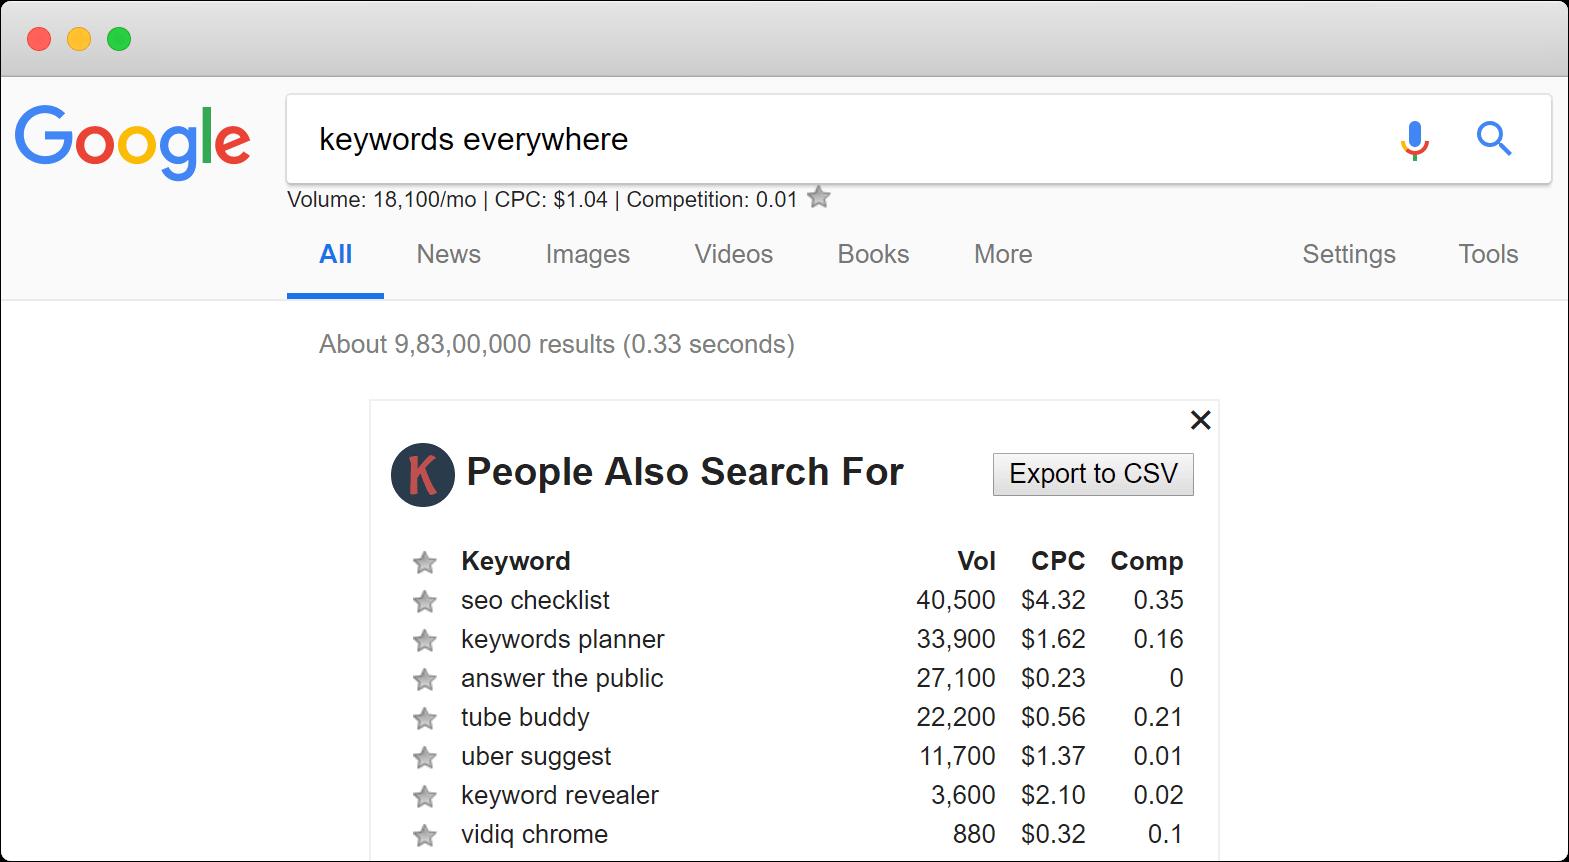 keyword-everywhere-chrome-extension